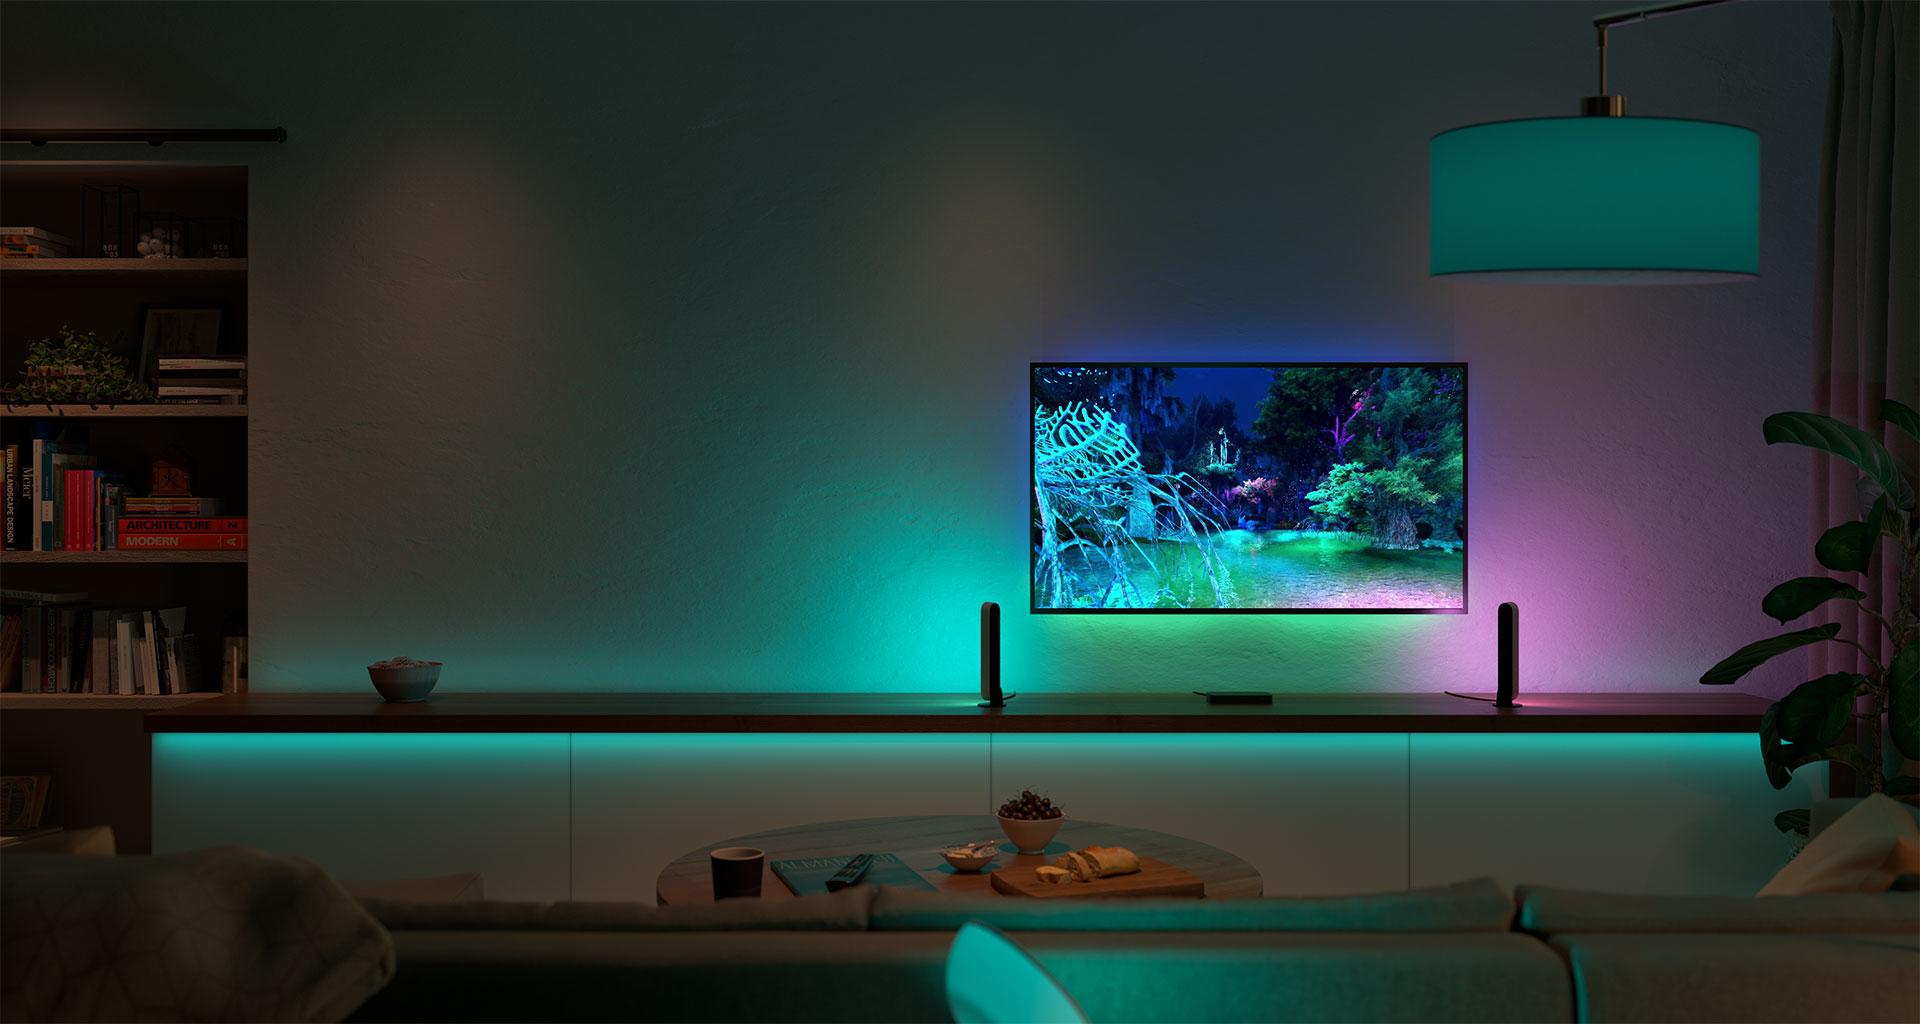 hue lampen hinzufügen zum entertainmentberreich